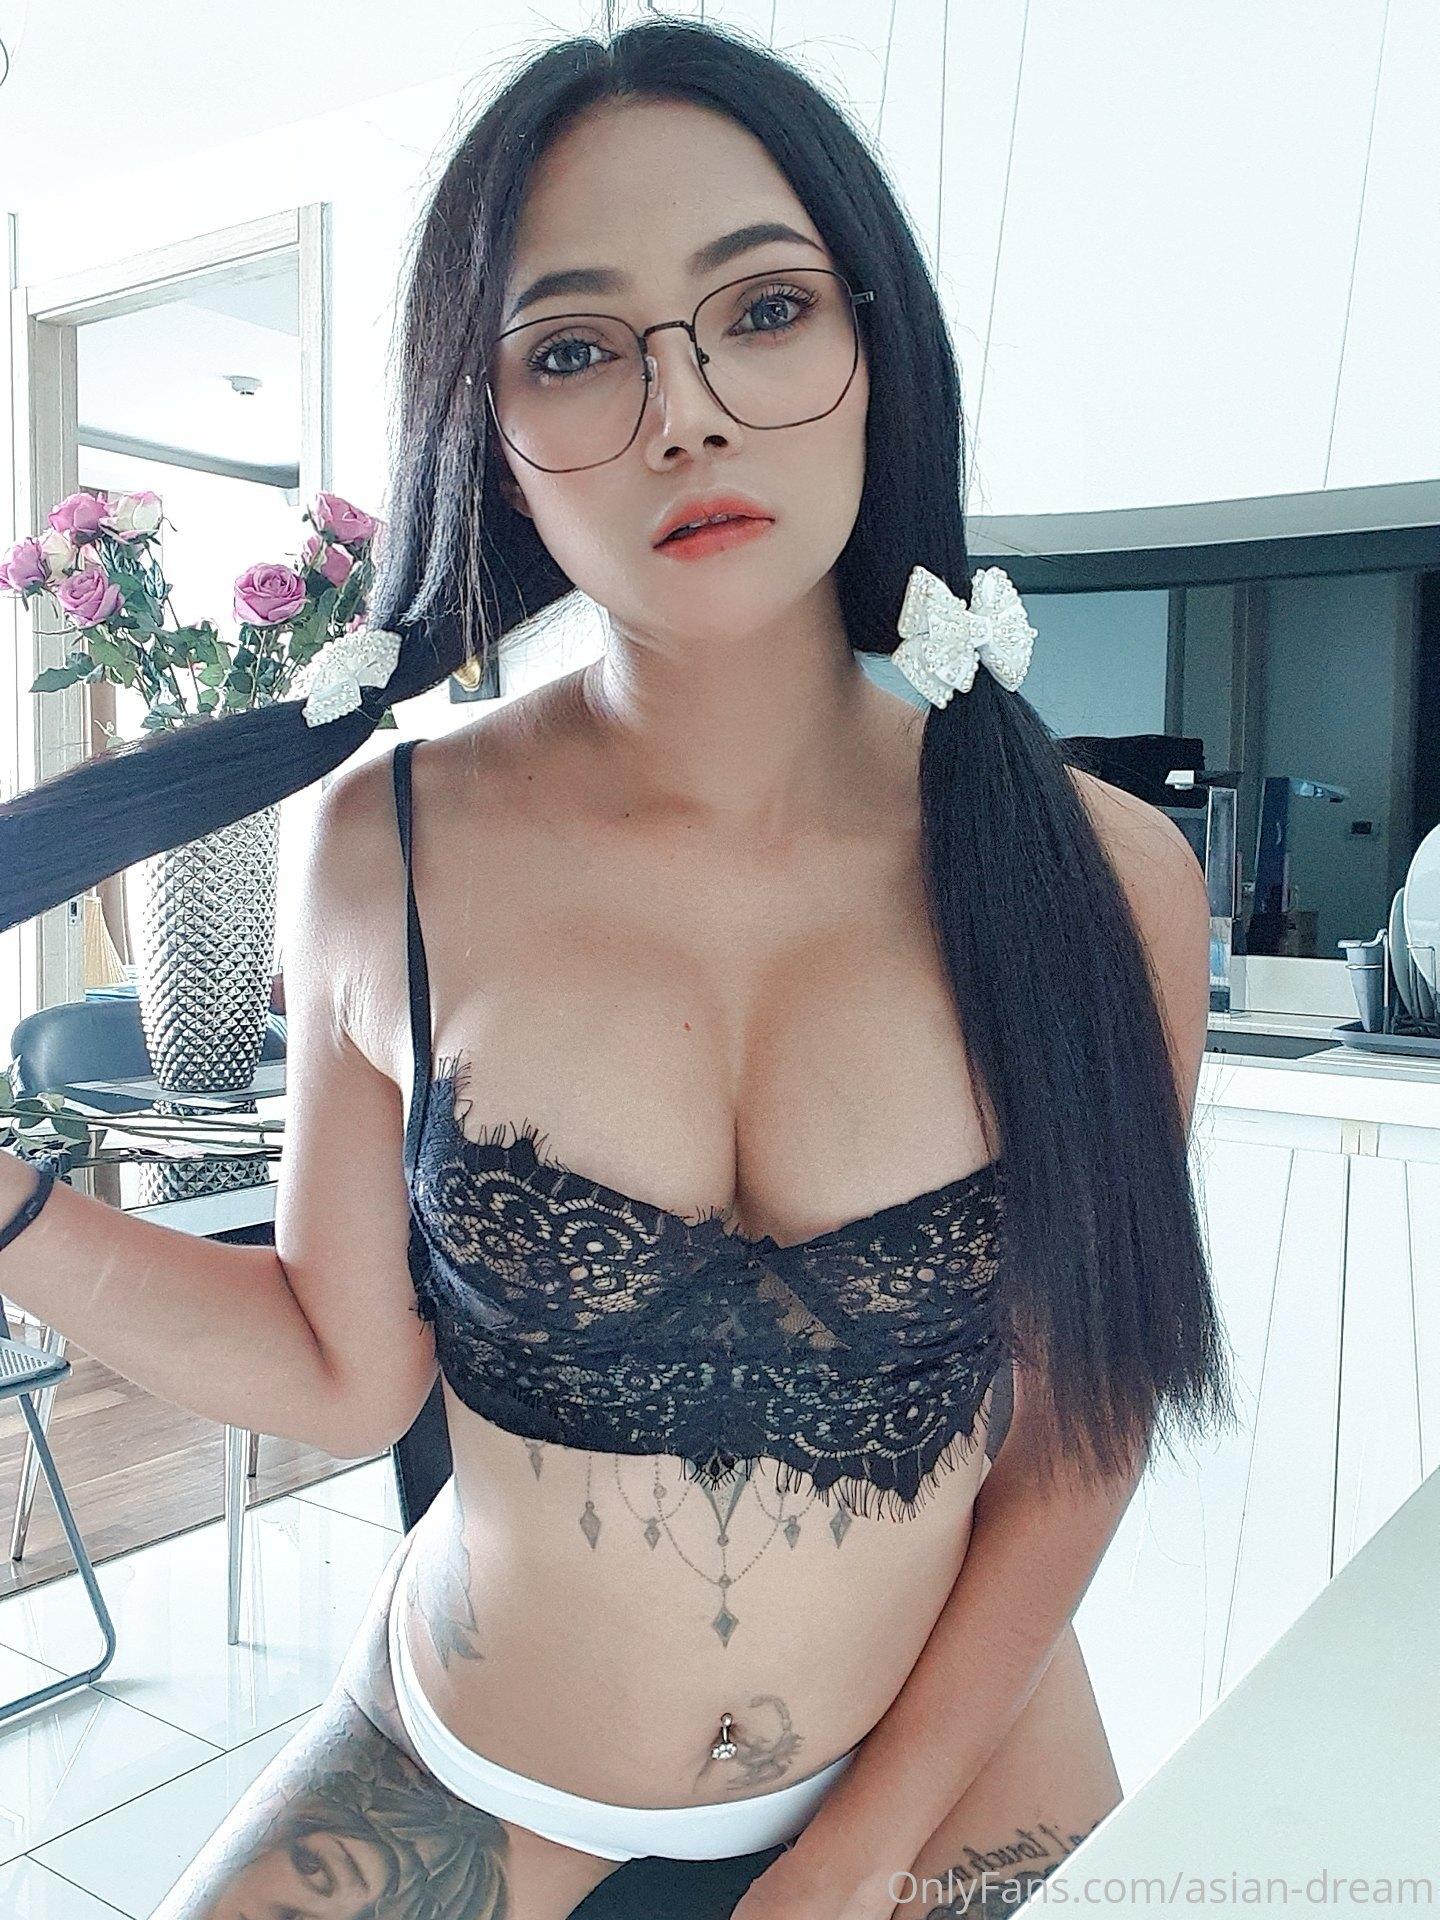 Asiandream Onlyfans 0039